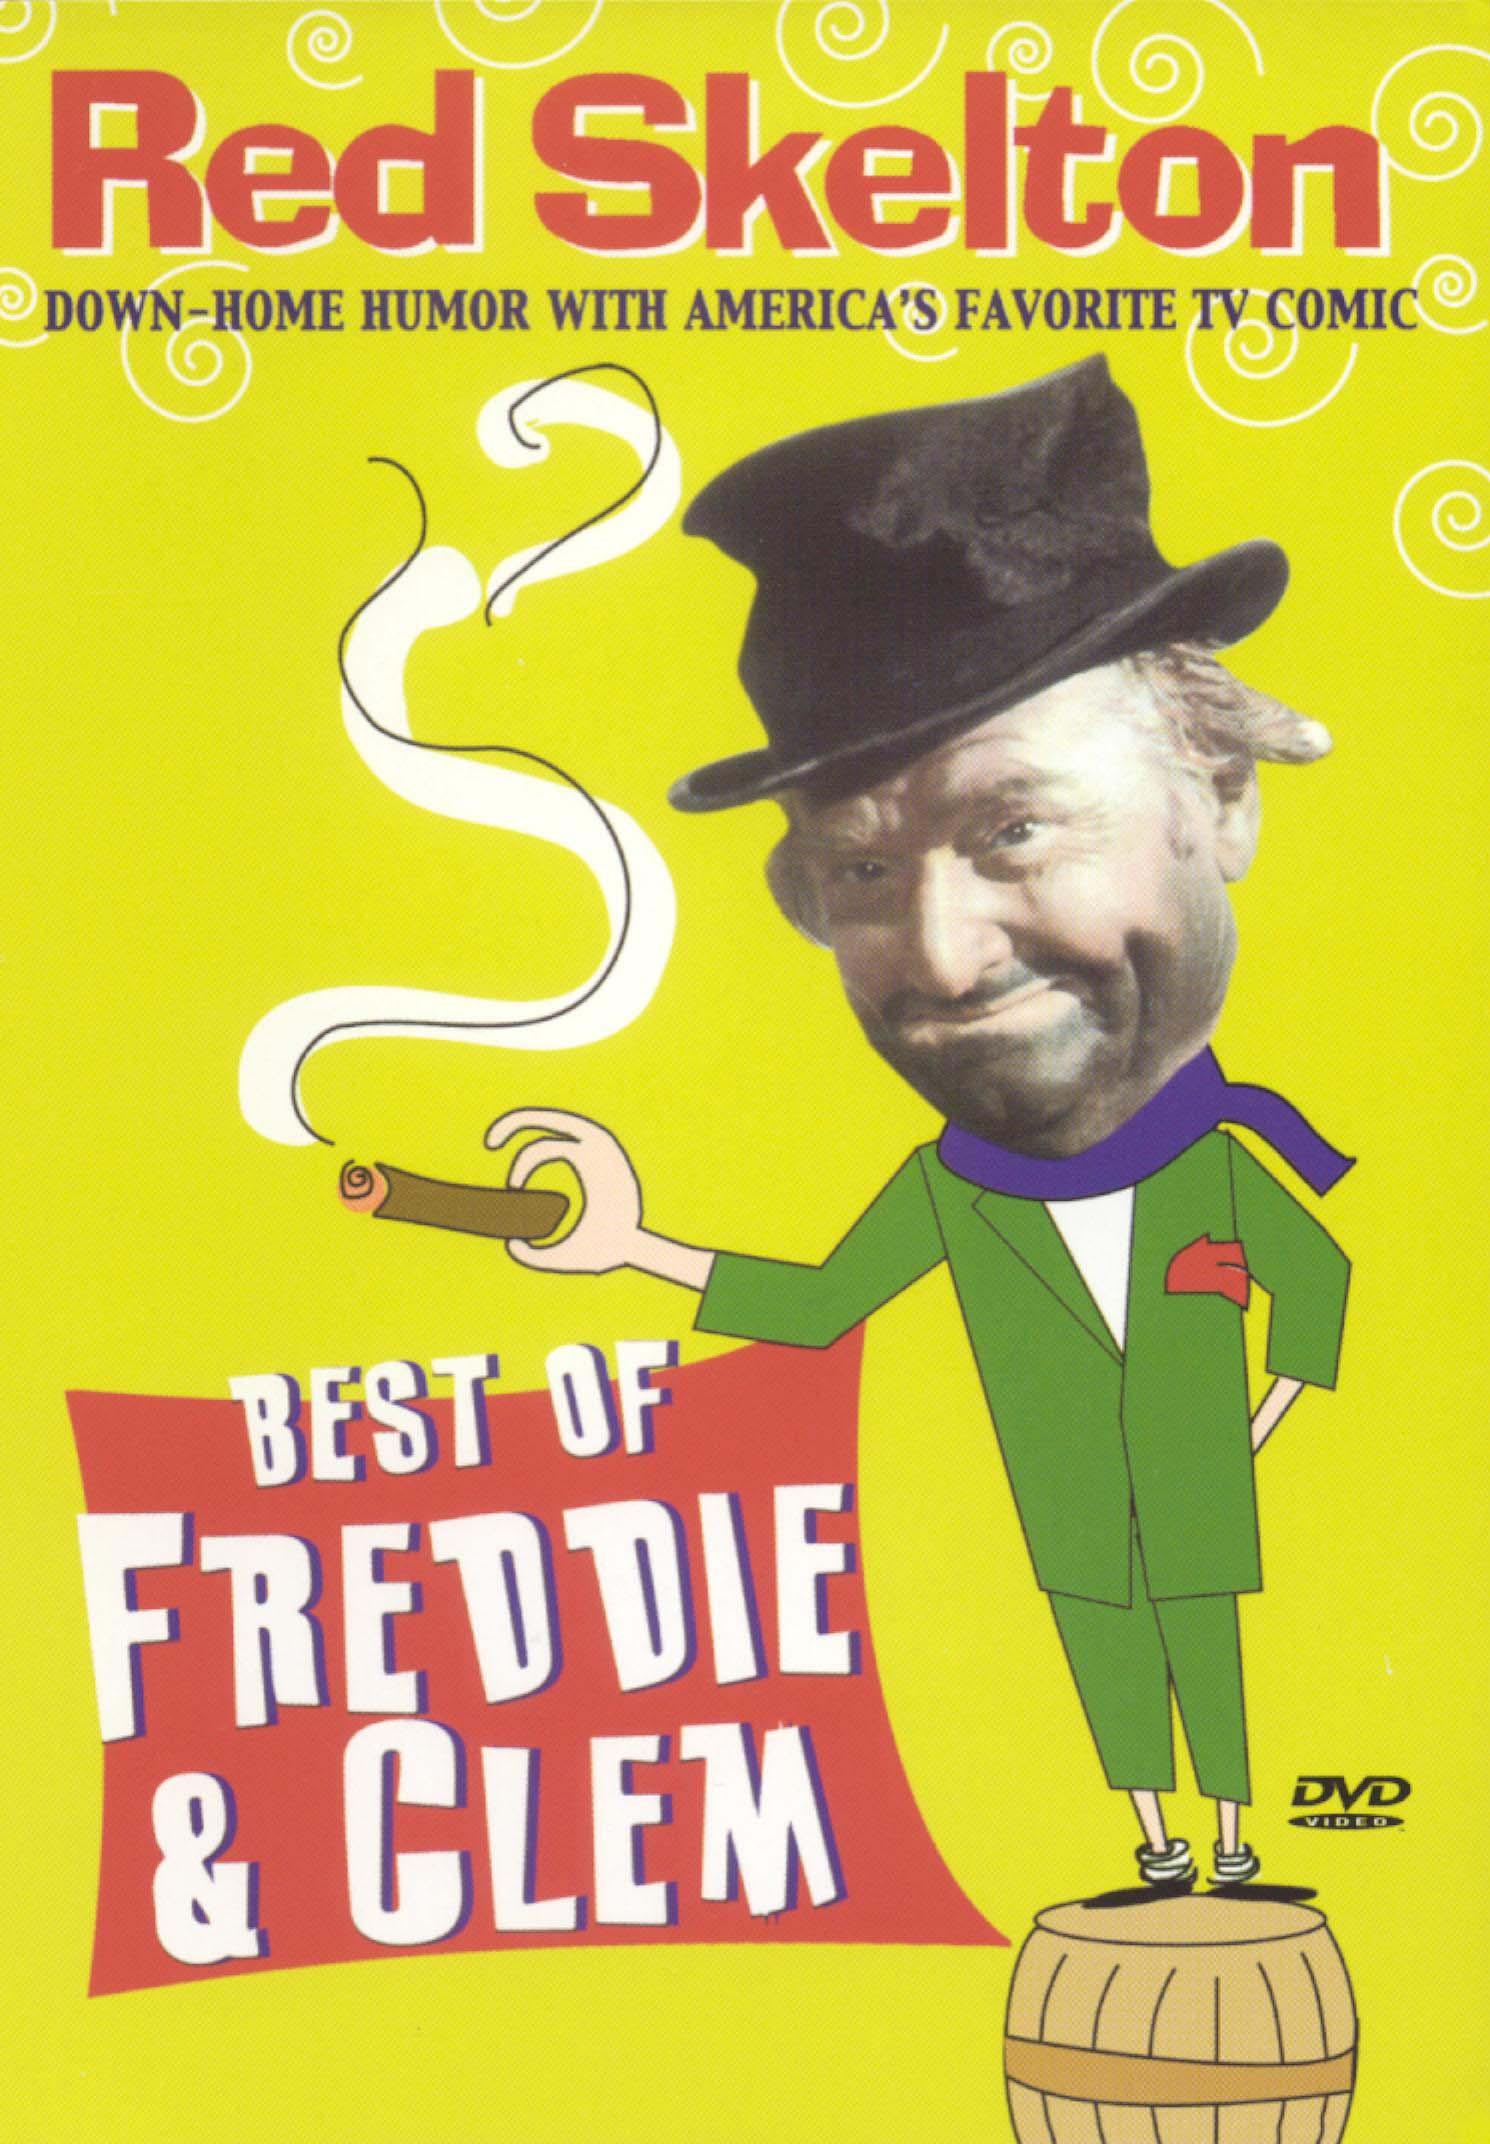 Red Skelton: Best of Freddie & Clem